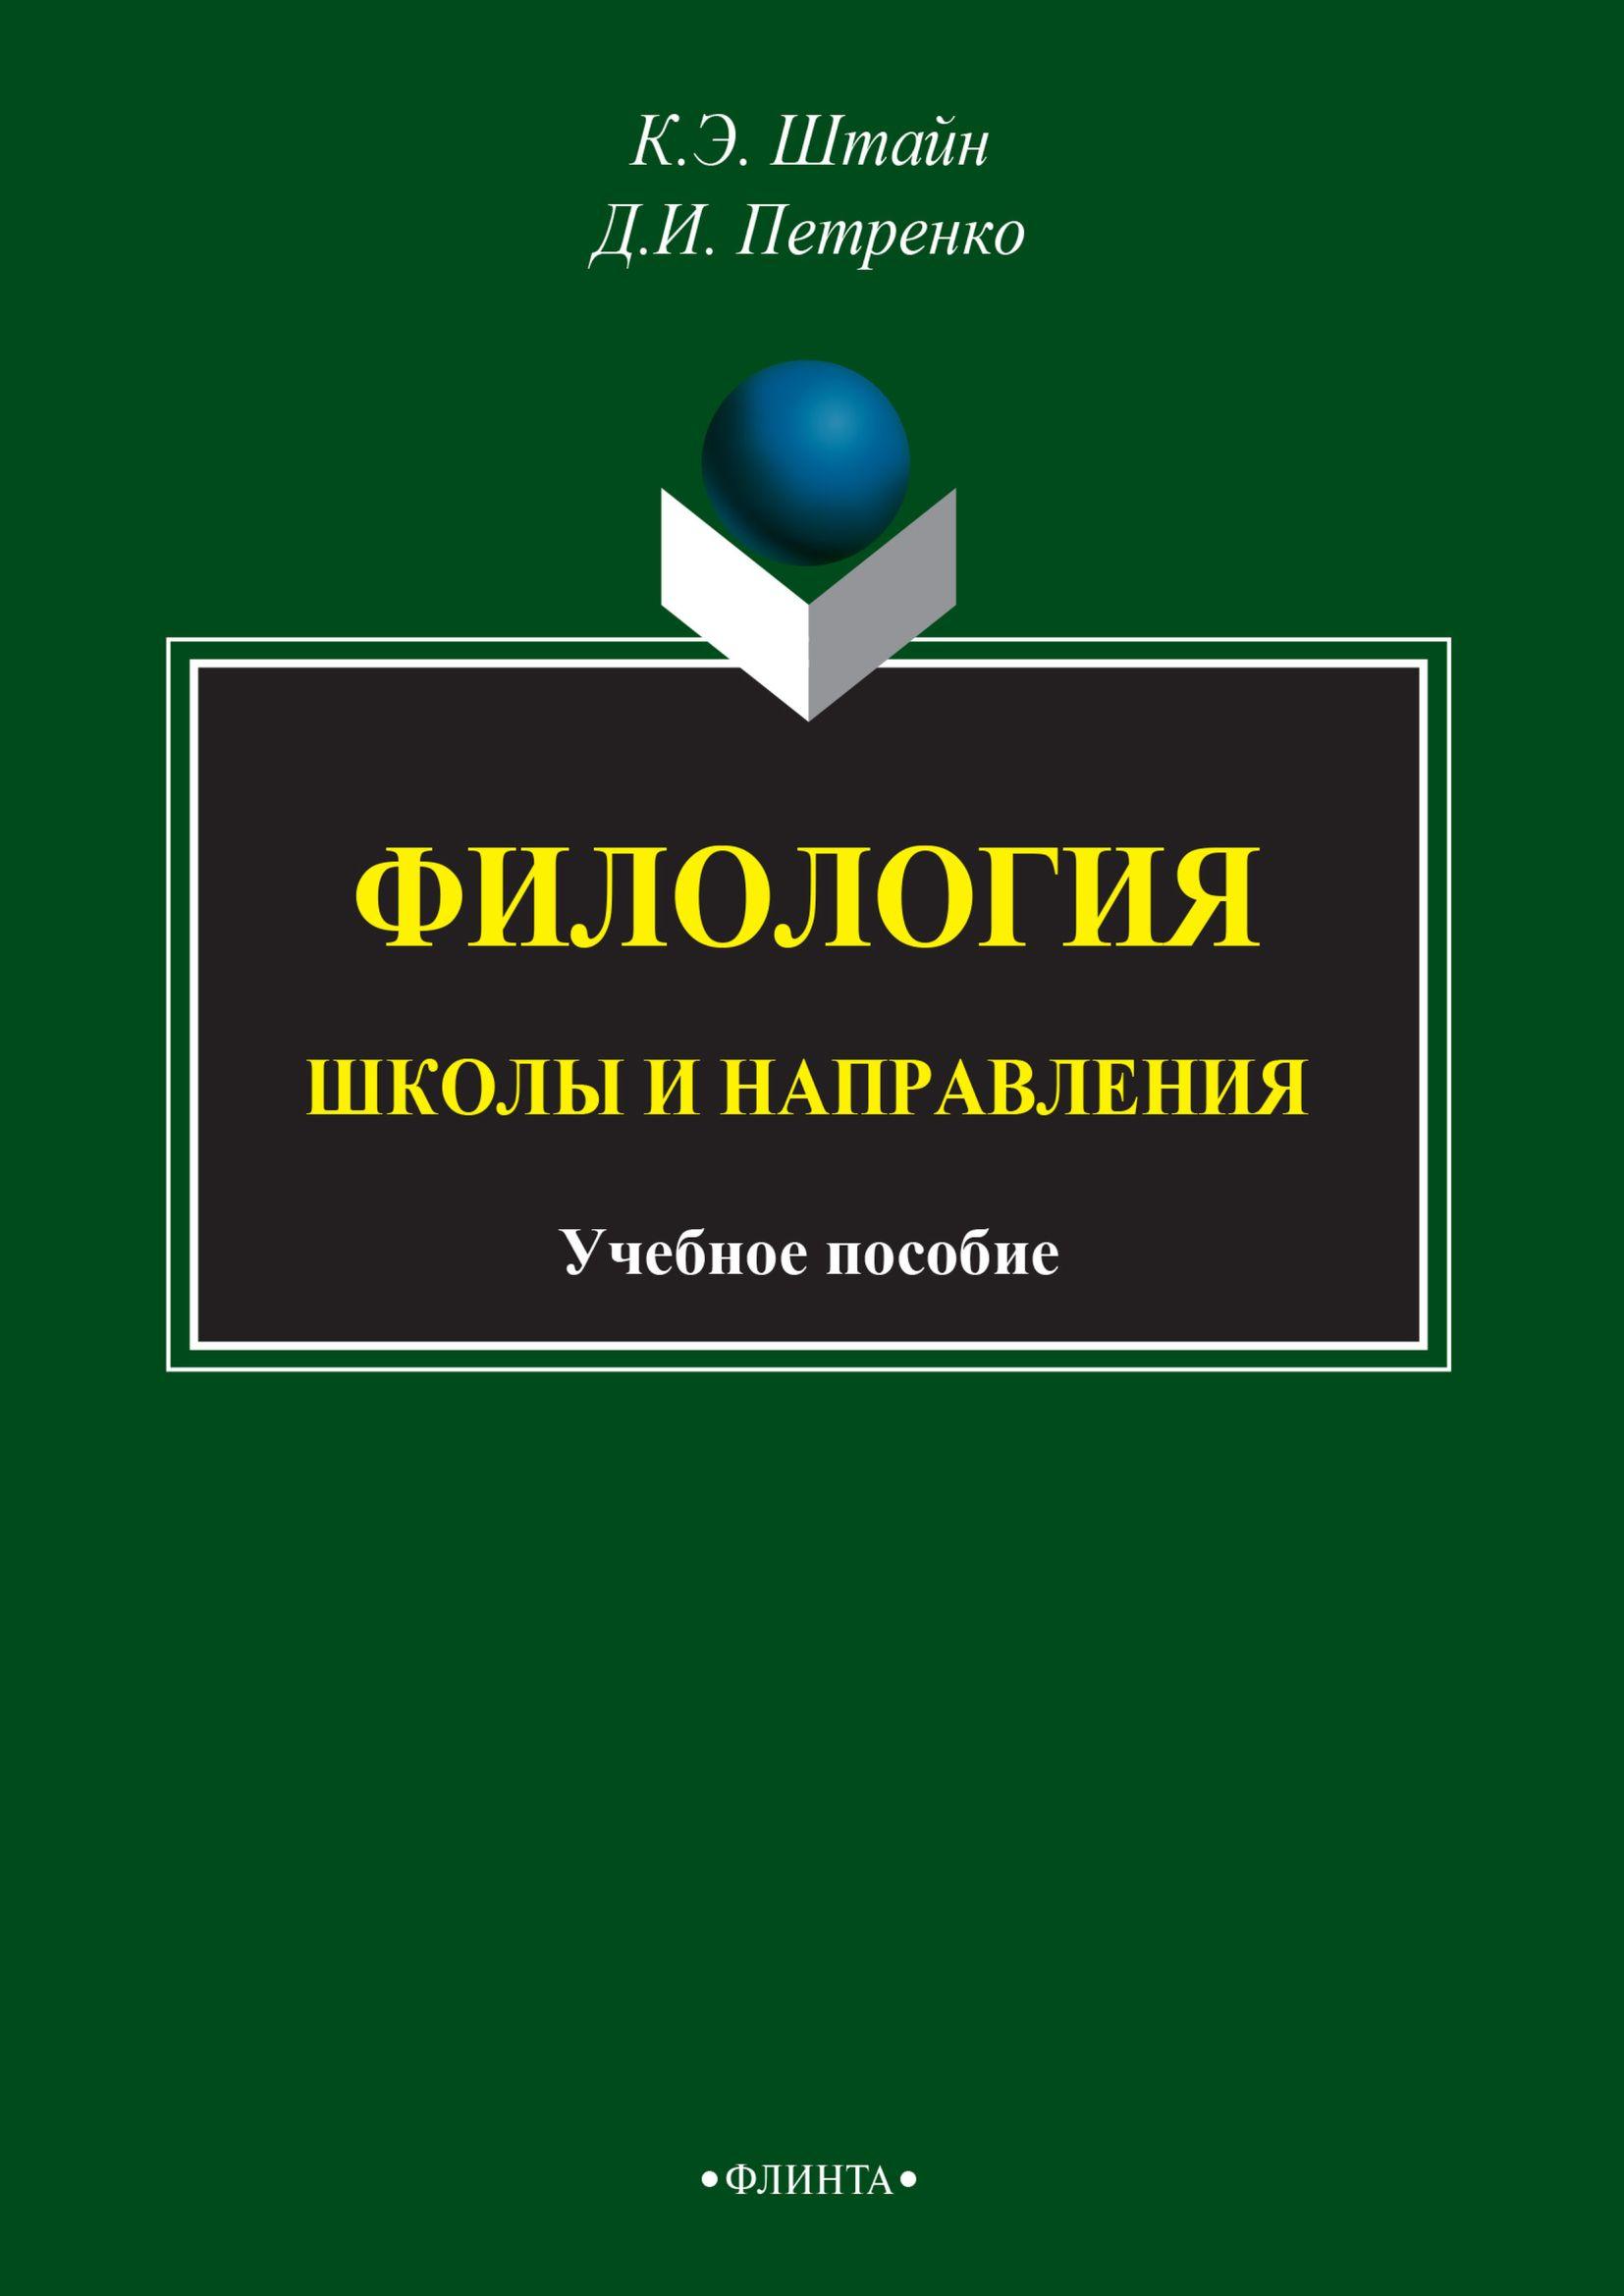 Филология. Школы и направления ( Отсутствует  )